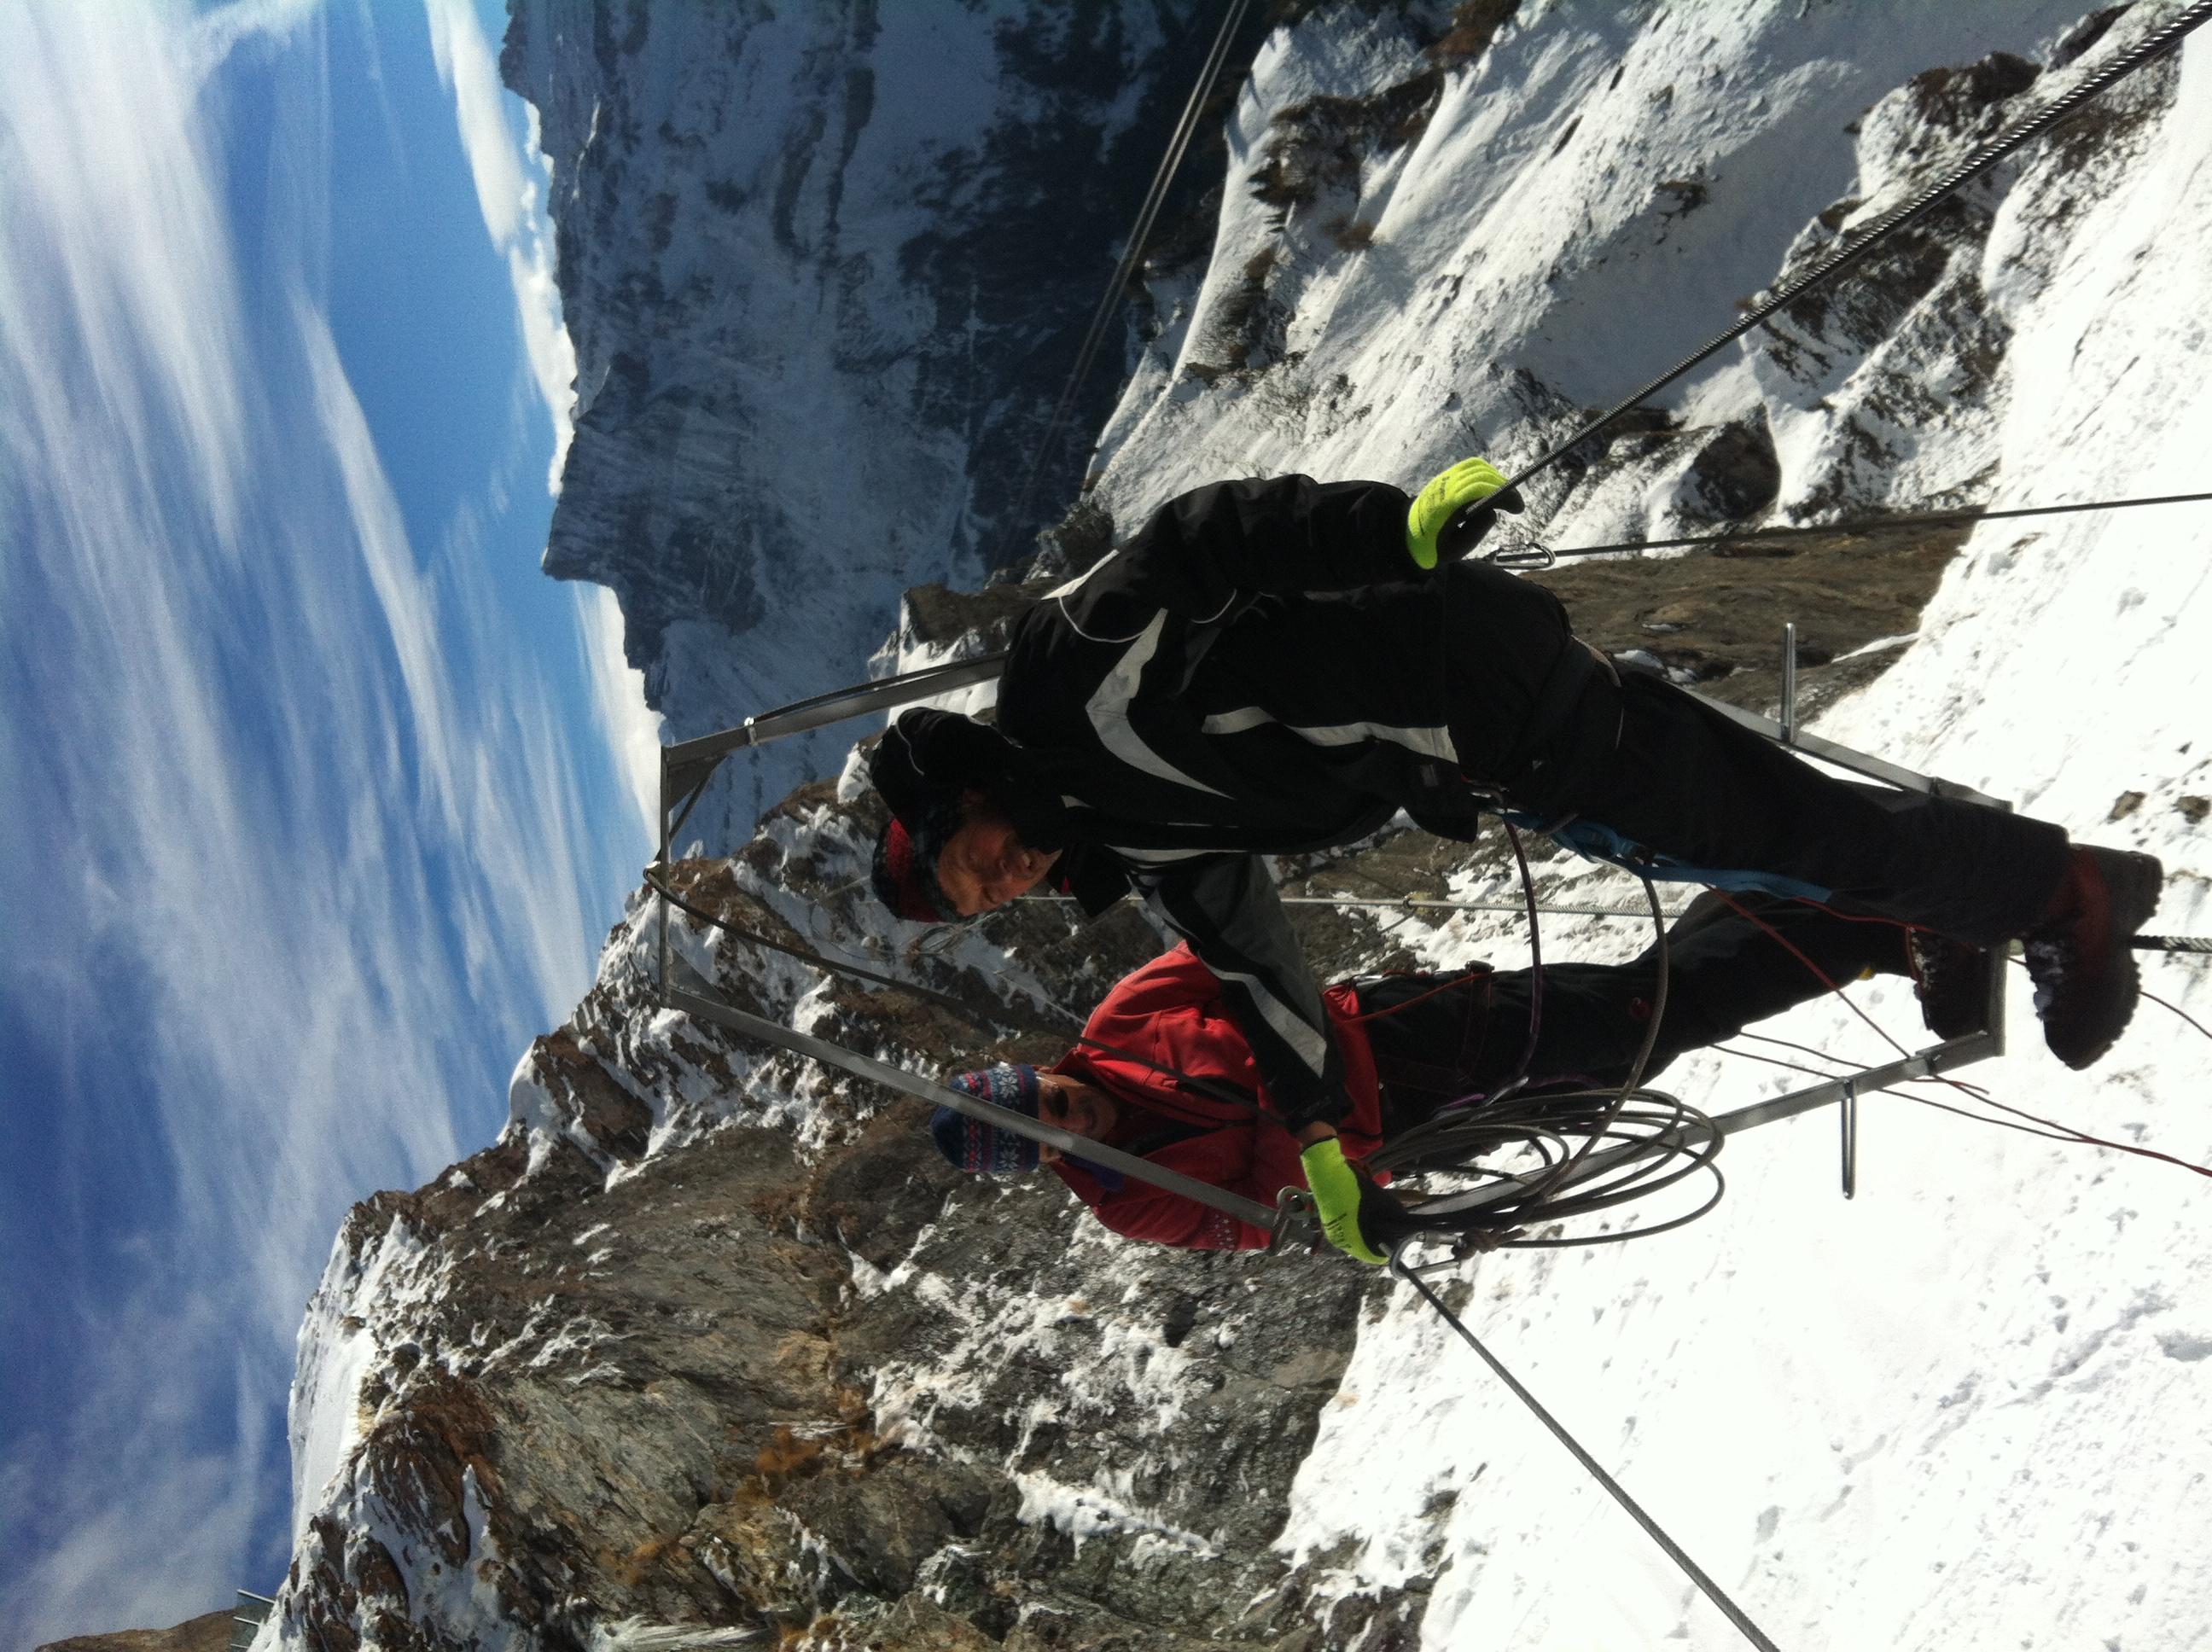 Klettersteig Wallis : Informationen klettersteig via ferrata leukerbad wallis schweiz